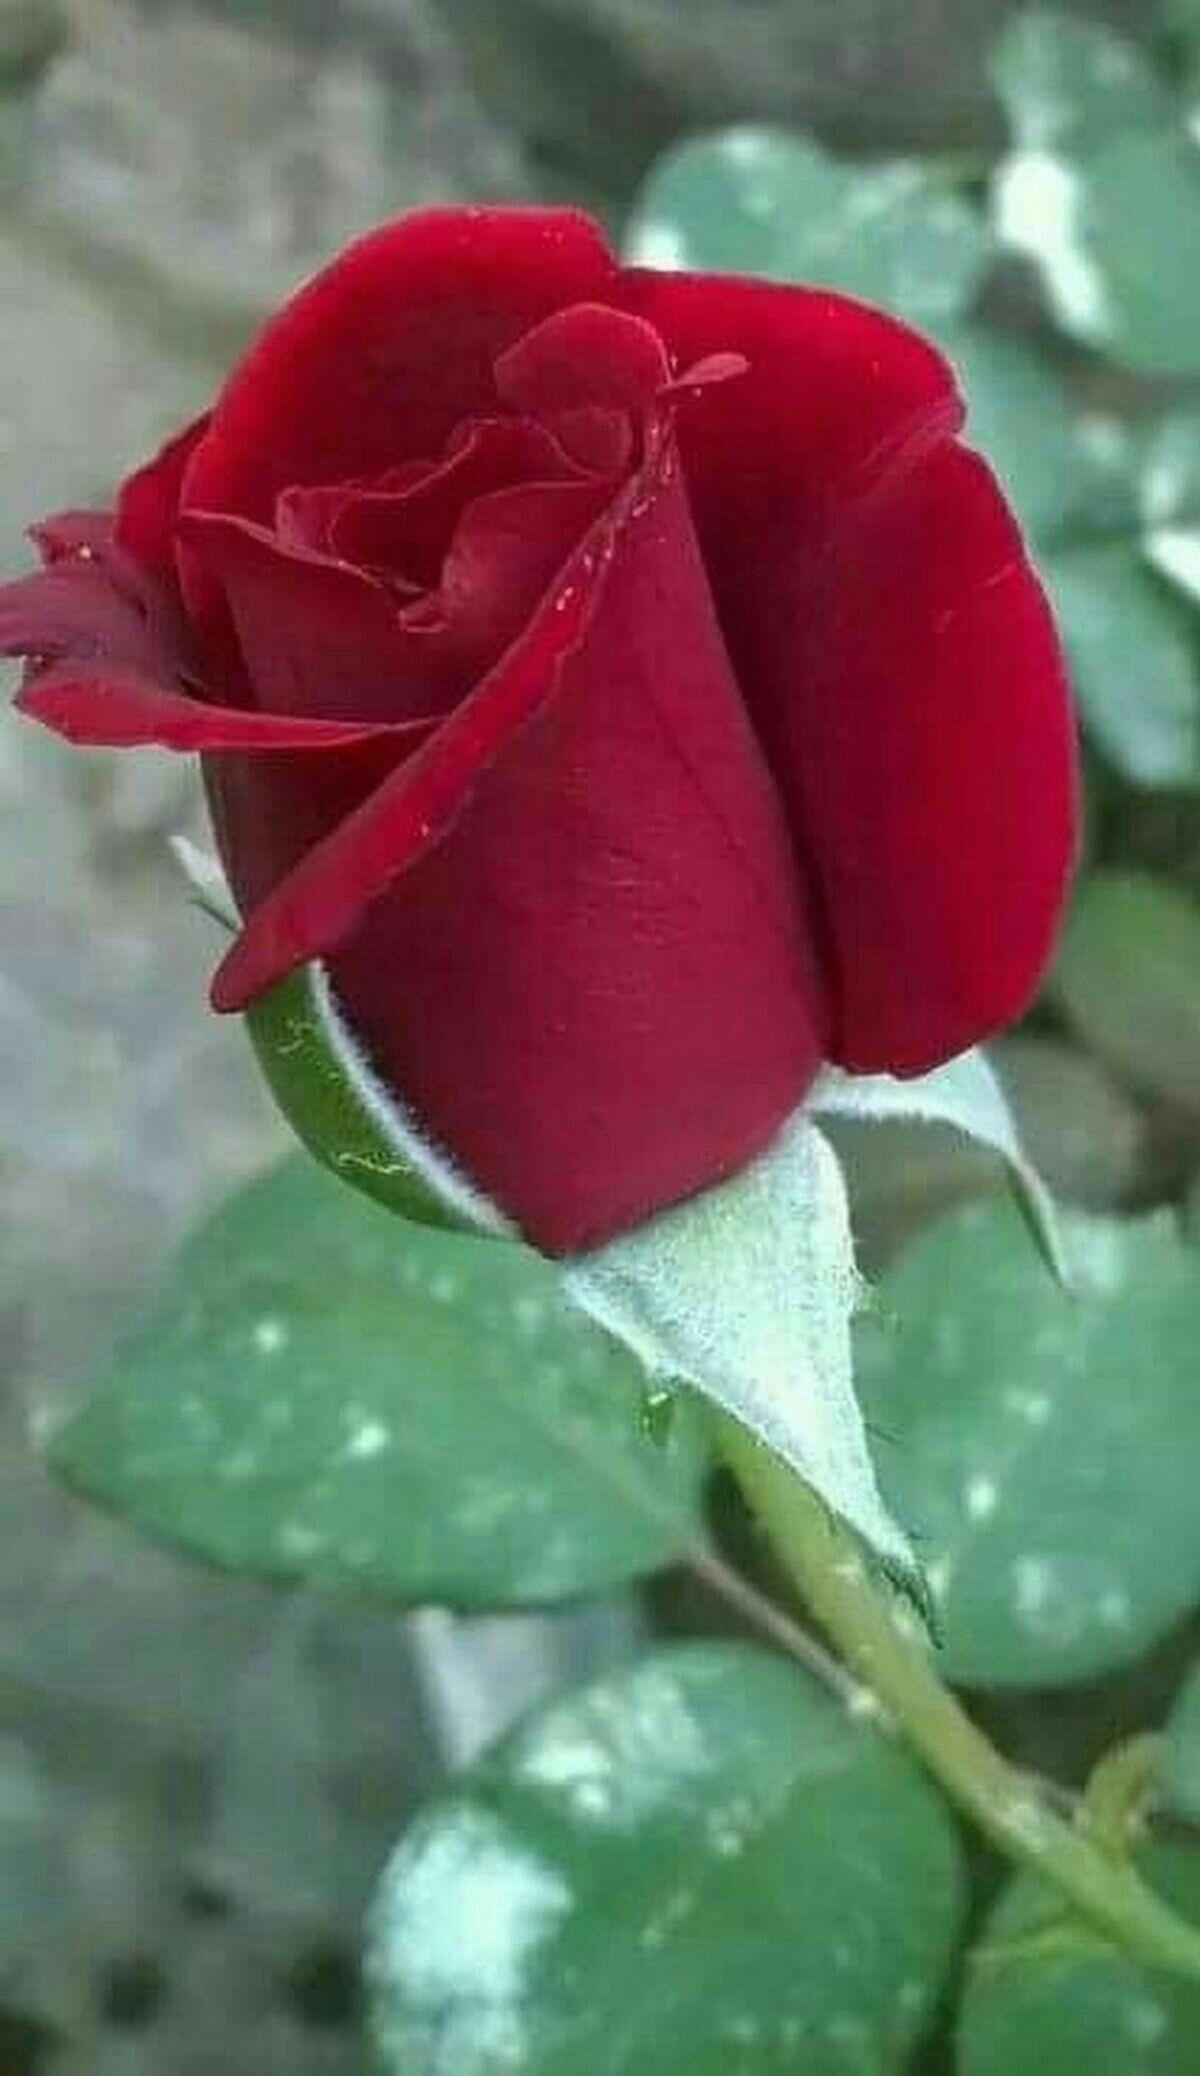 Pin by cecilia tinoco on rosas pinterest flowers roses garden mia izmirmasajfo